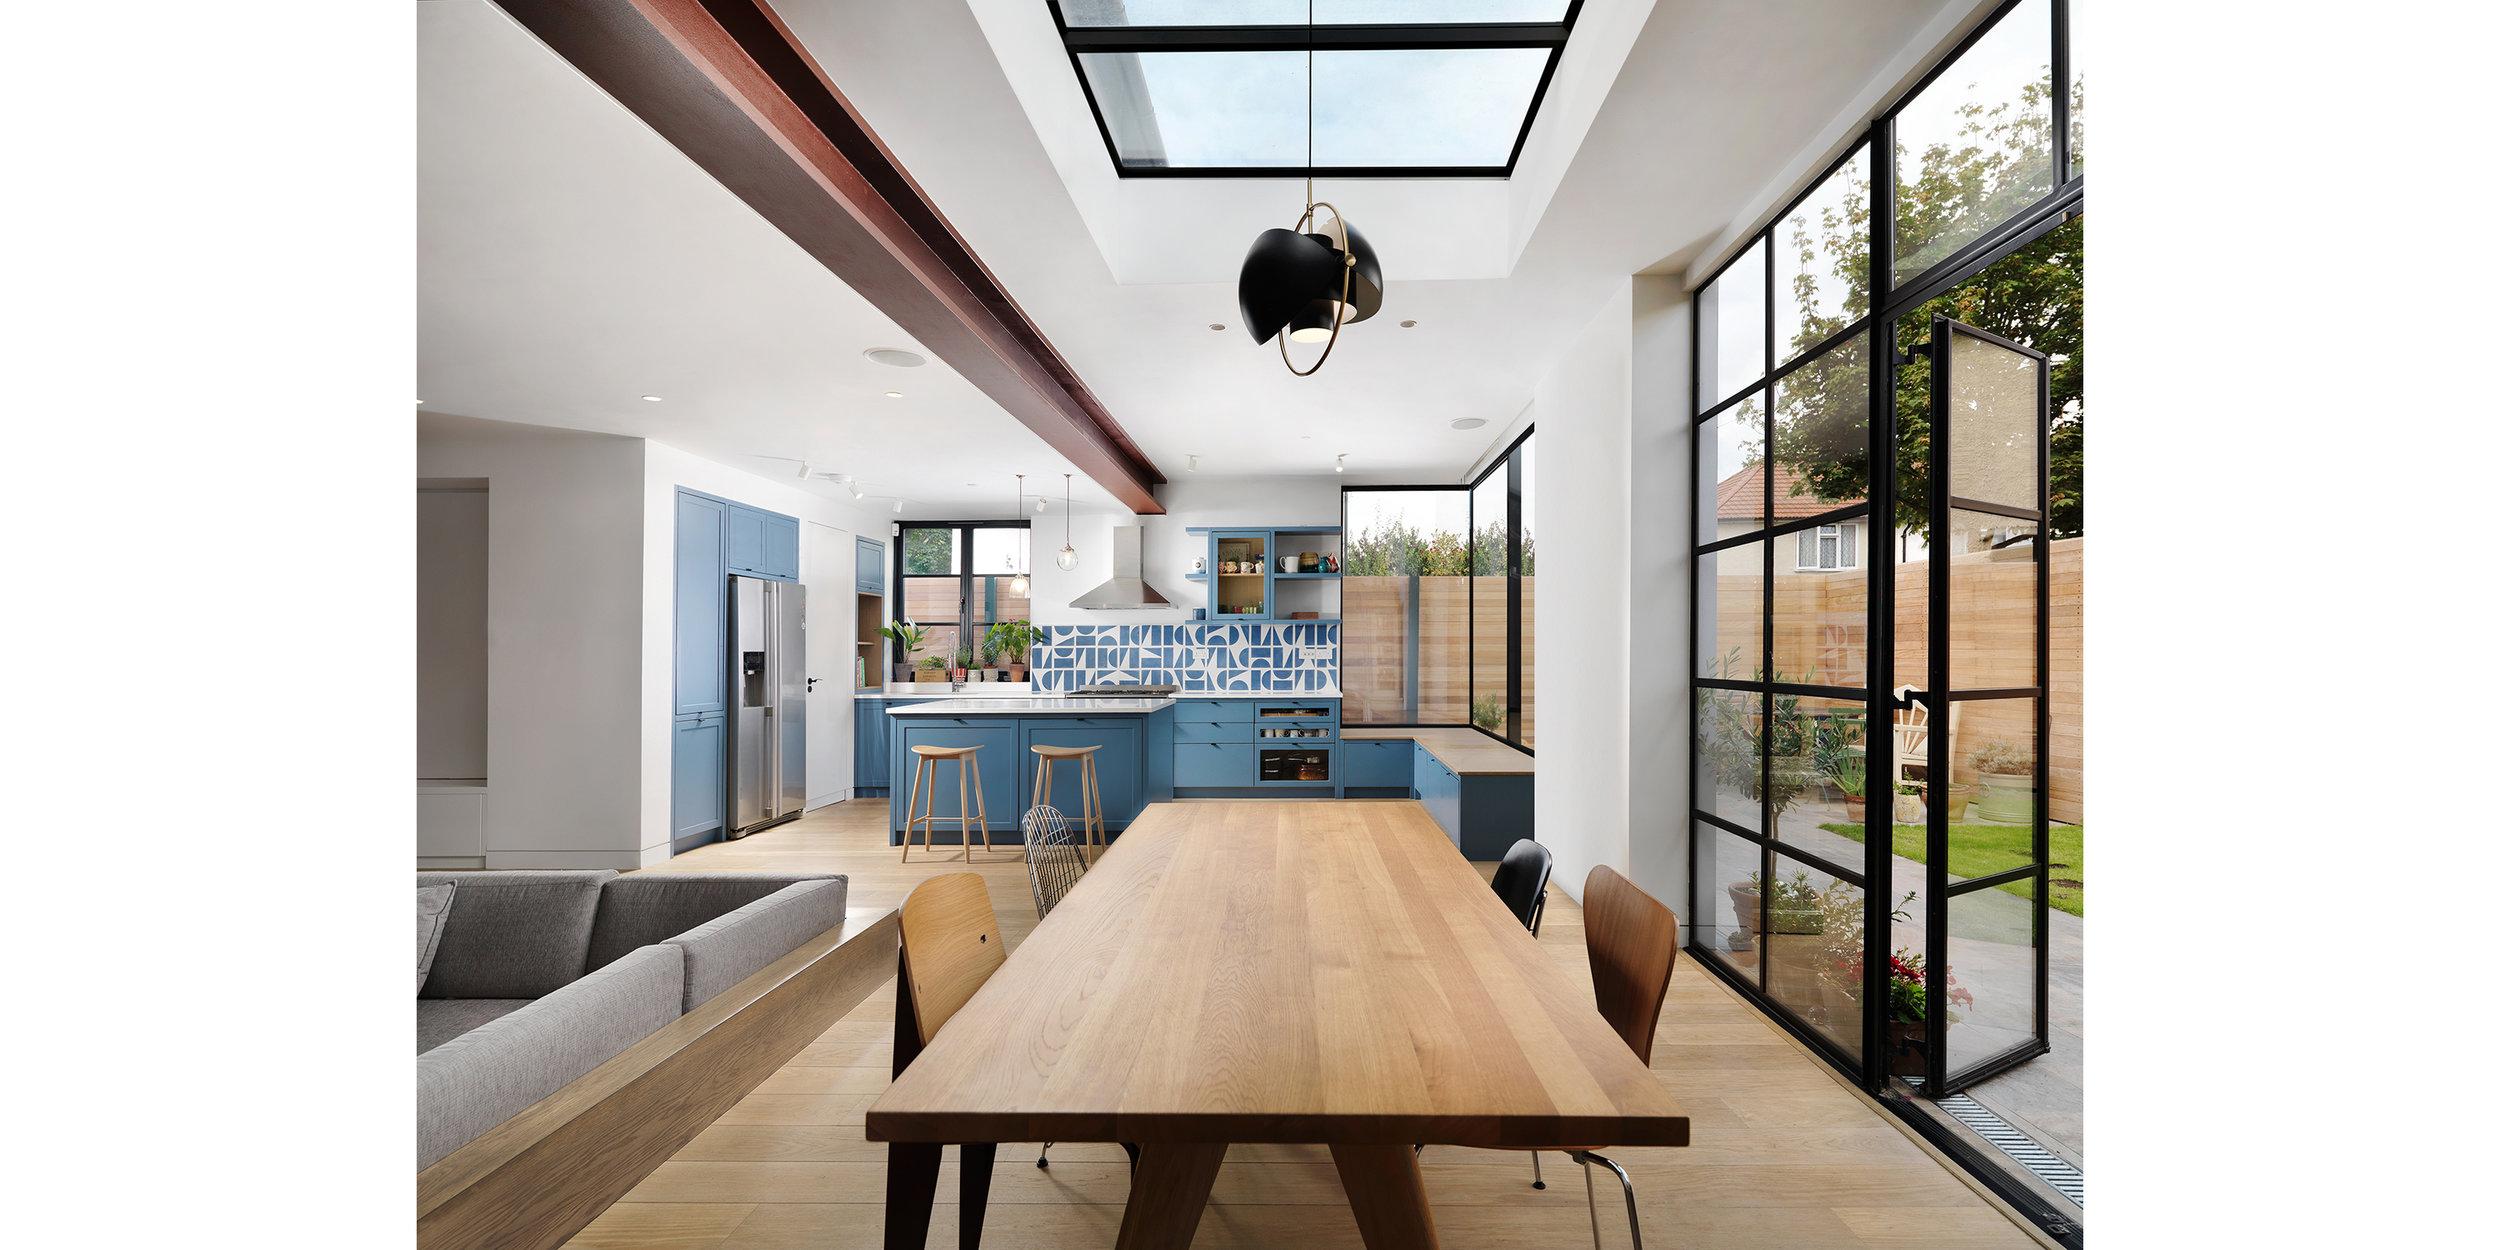 Neiheiser Argyros - Verdun Road - kitchen view.jpg